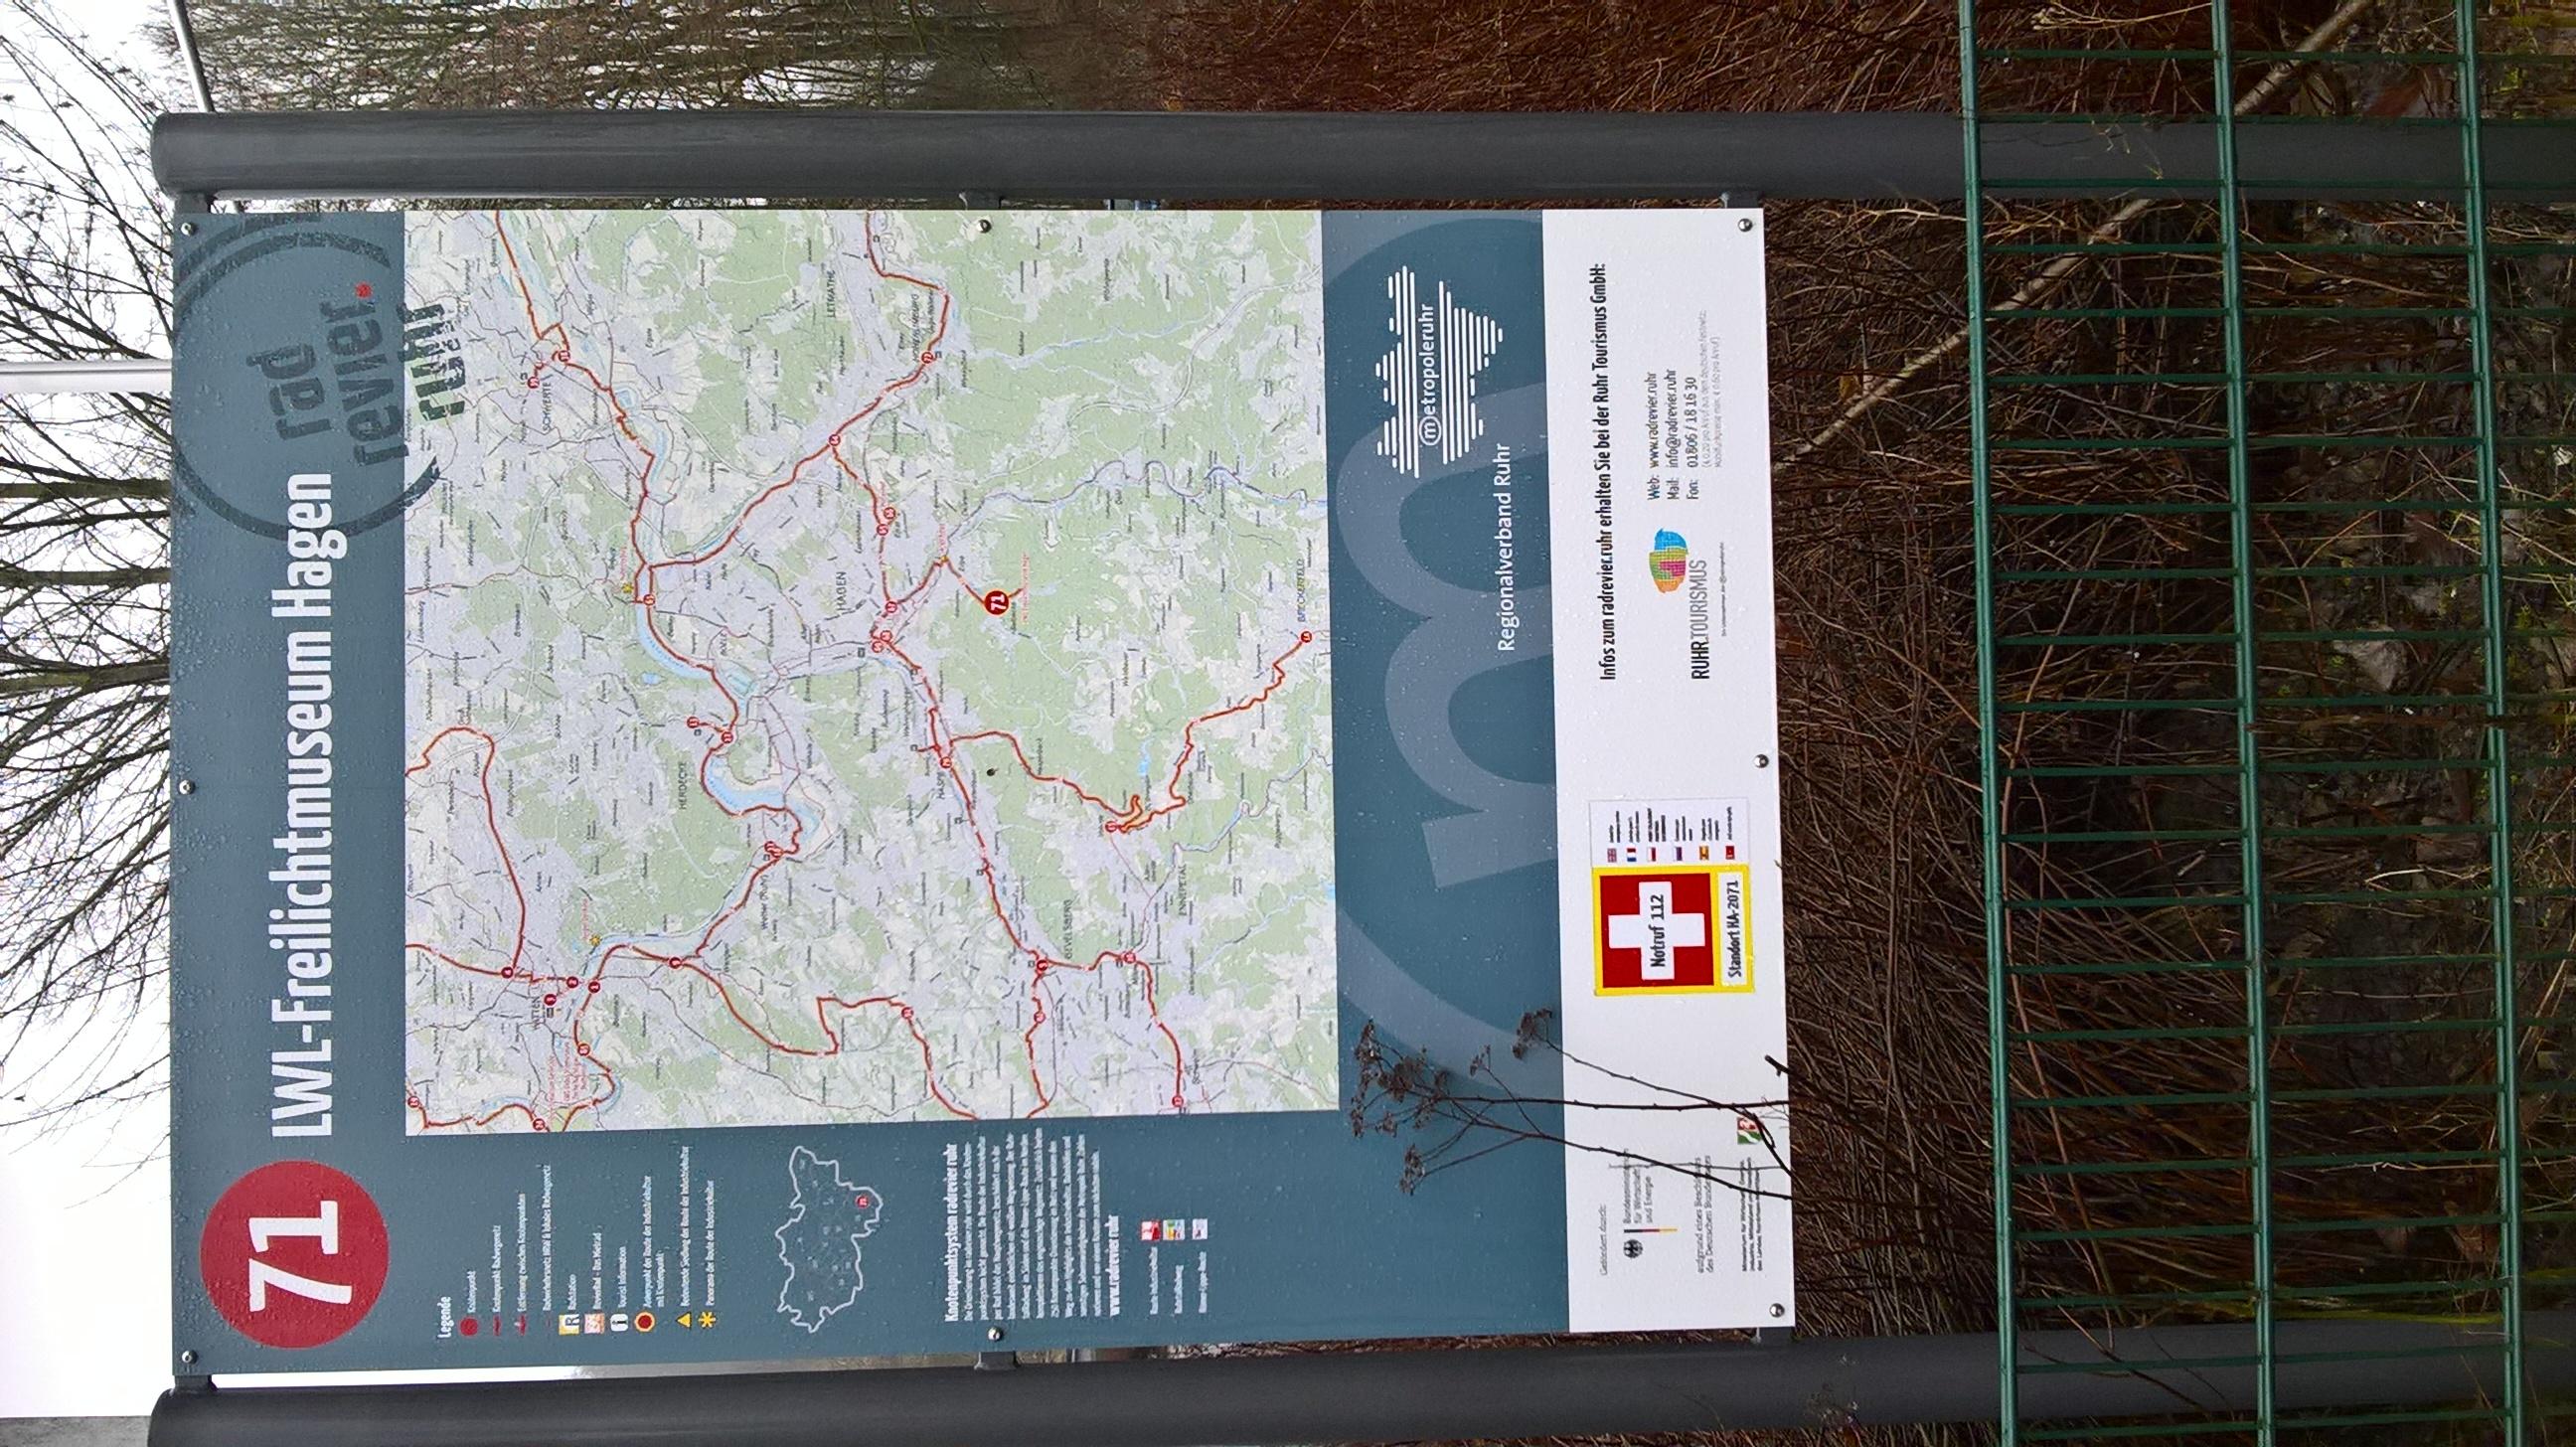 Rencontre Sexe Midi Pyrénées , Trouves Ton Plan Cul Sur Gare Aux Coquines